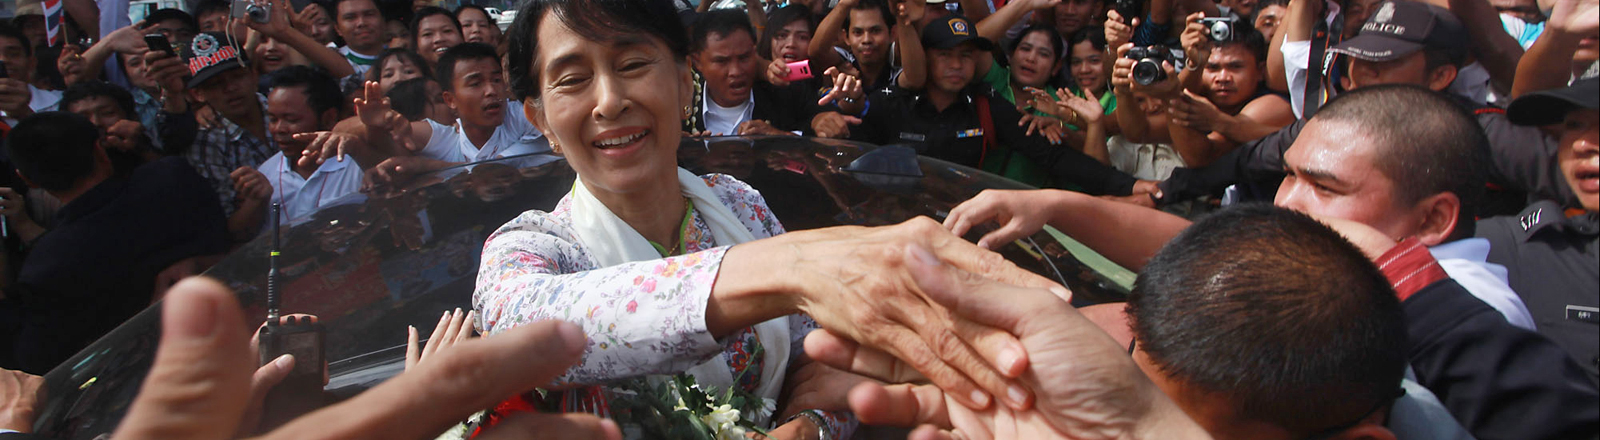 Aung San Suu Kyi lehtn aus dem Fenster eines Autos und schüttelt die Hände von Menschen, die das Auto umstellen. Thailand im März 2012 ;Bild: dpa